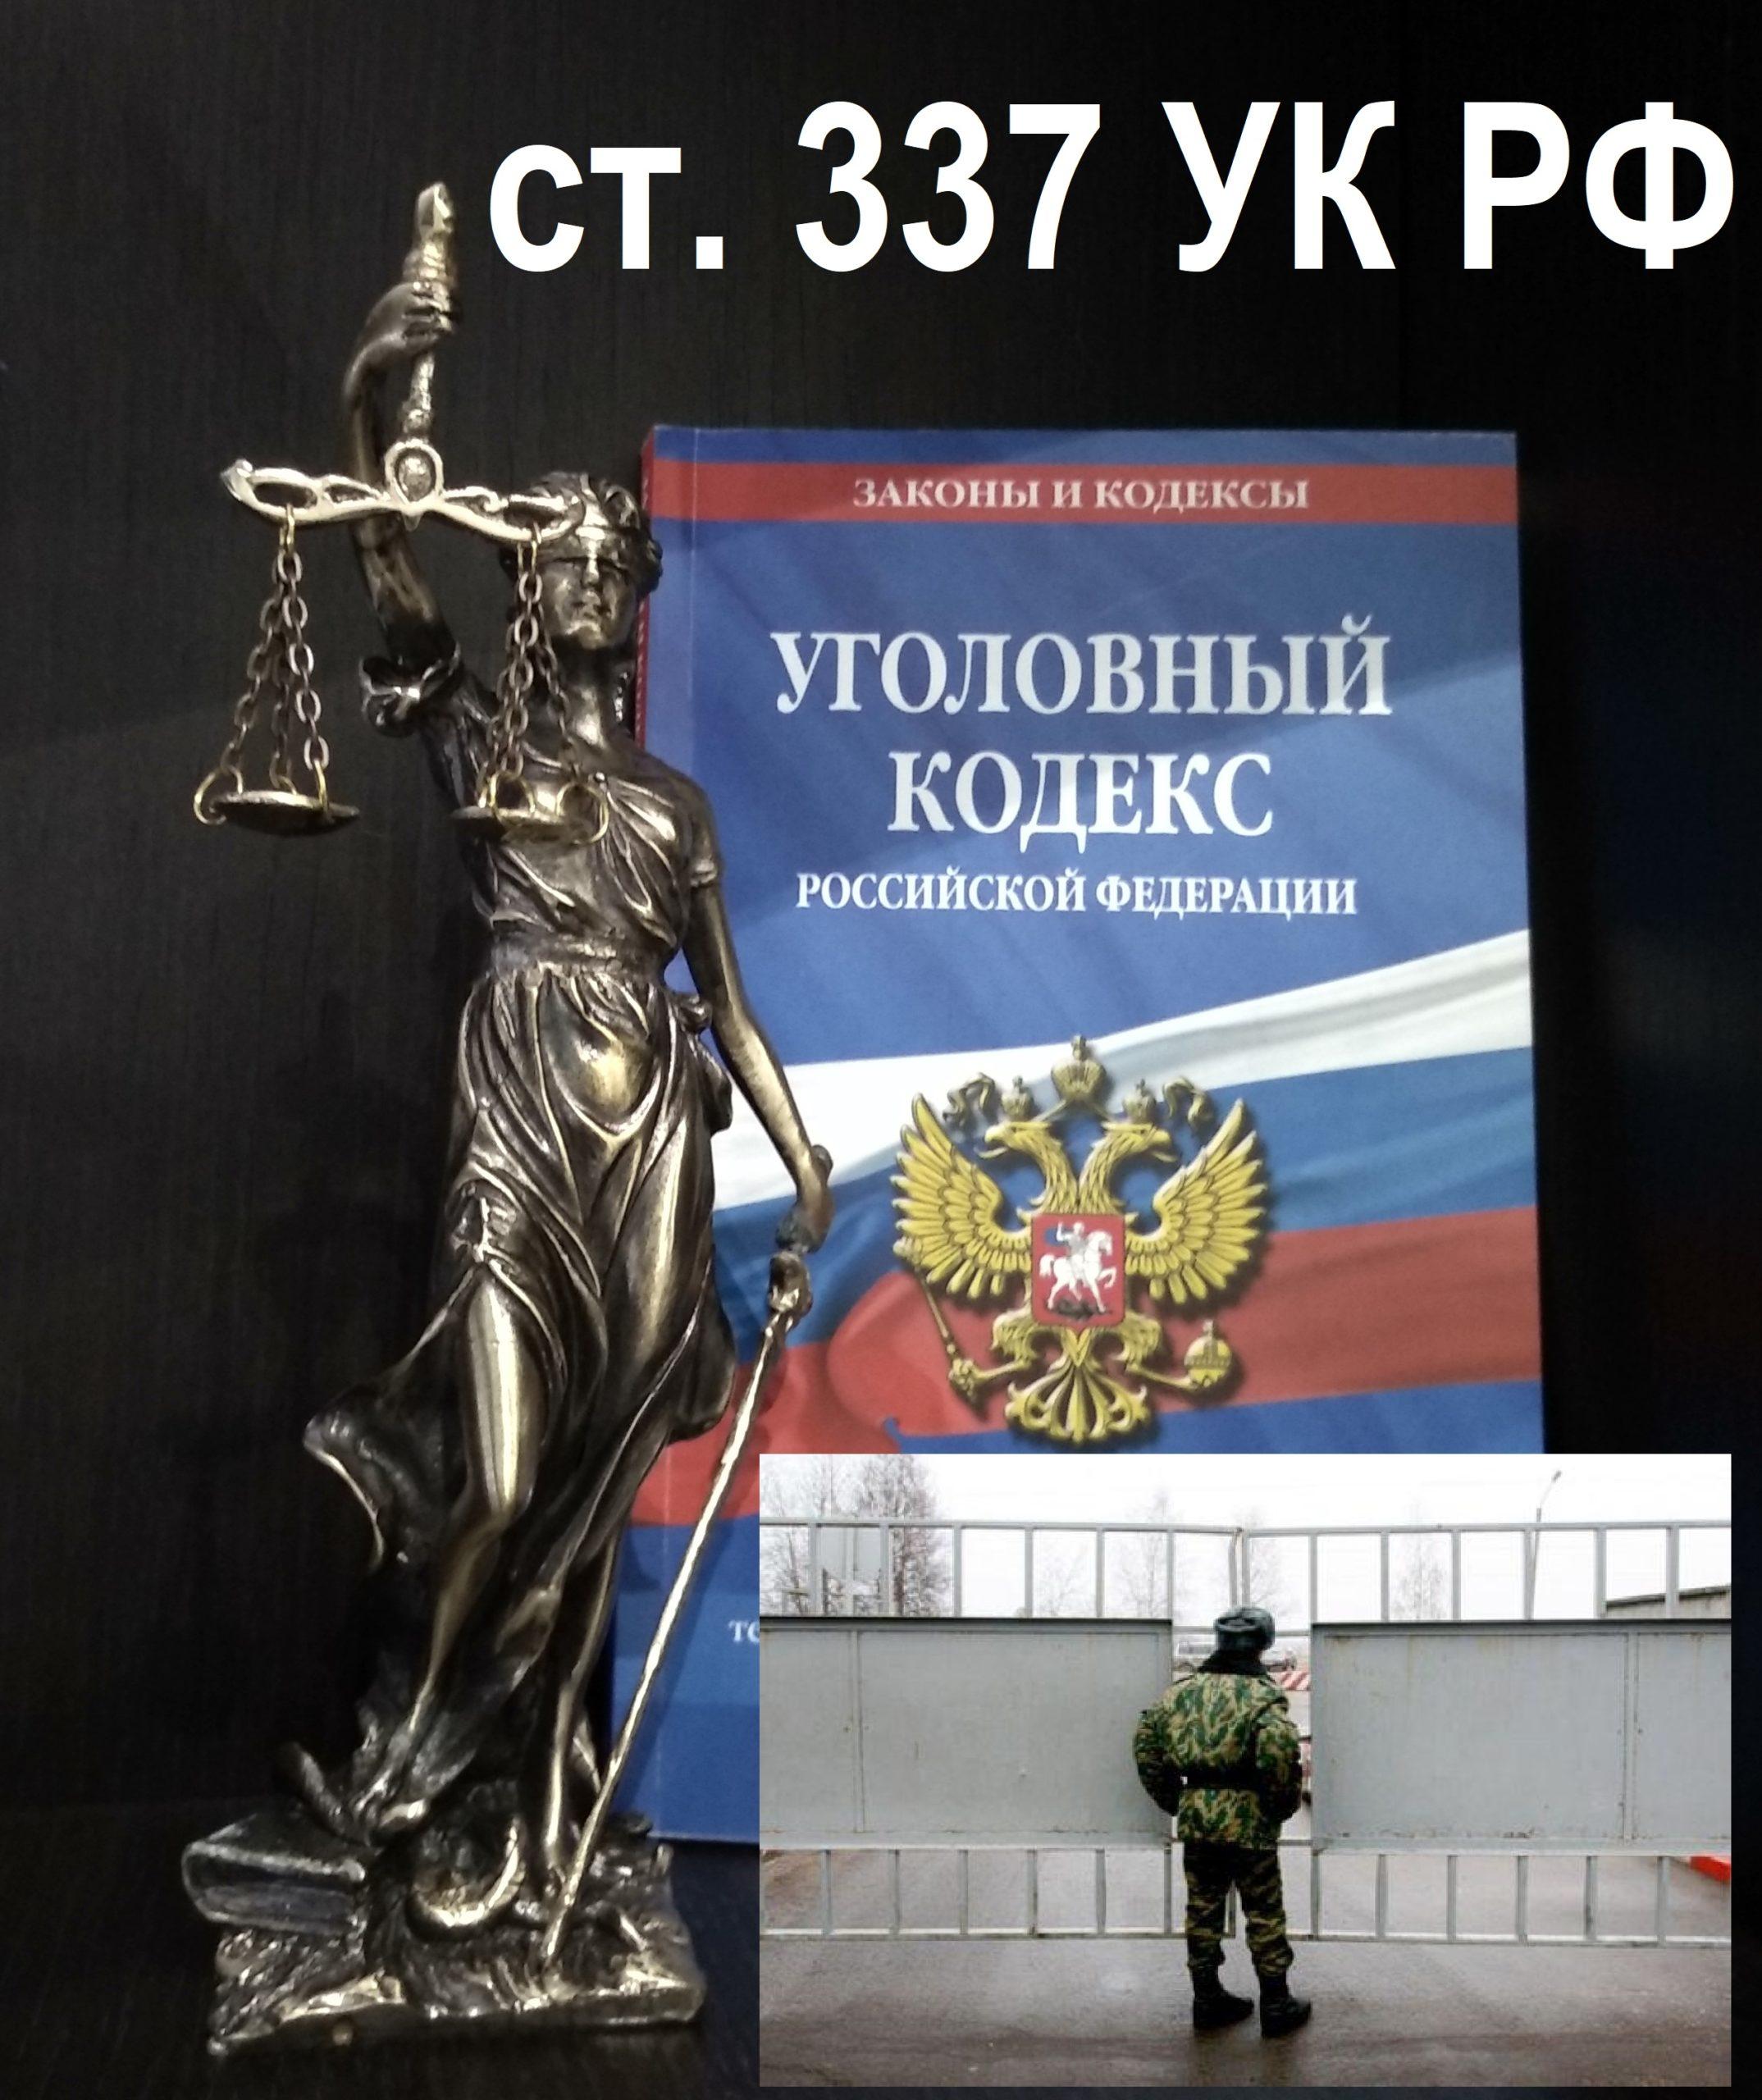 Адвокат по ст. 337 УК РФ Самовольное оставление части или места службы